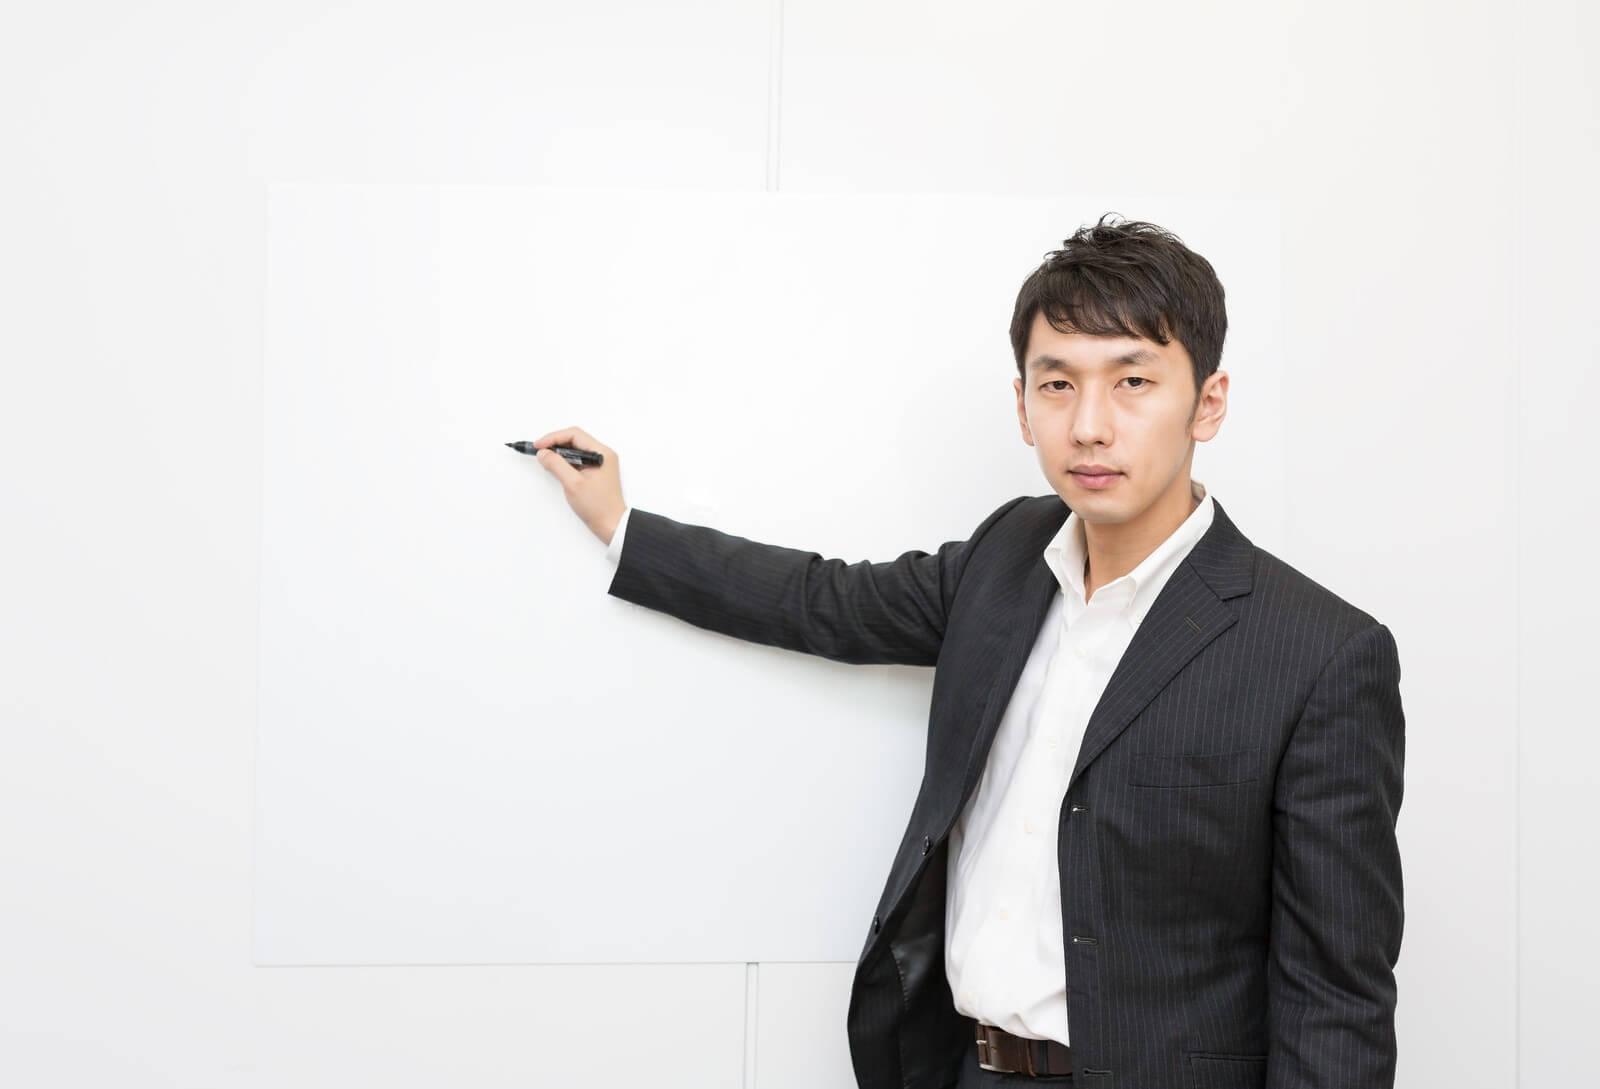 格安スマホ「エックスモバイル」代理店ビジネスを説明する男性